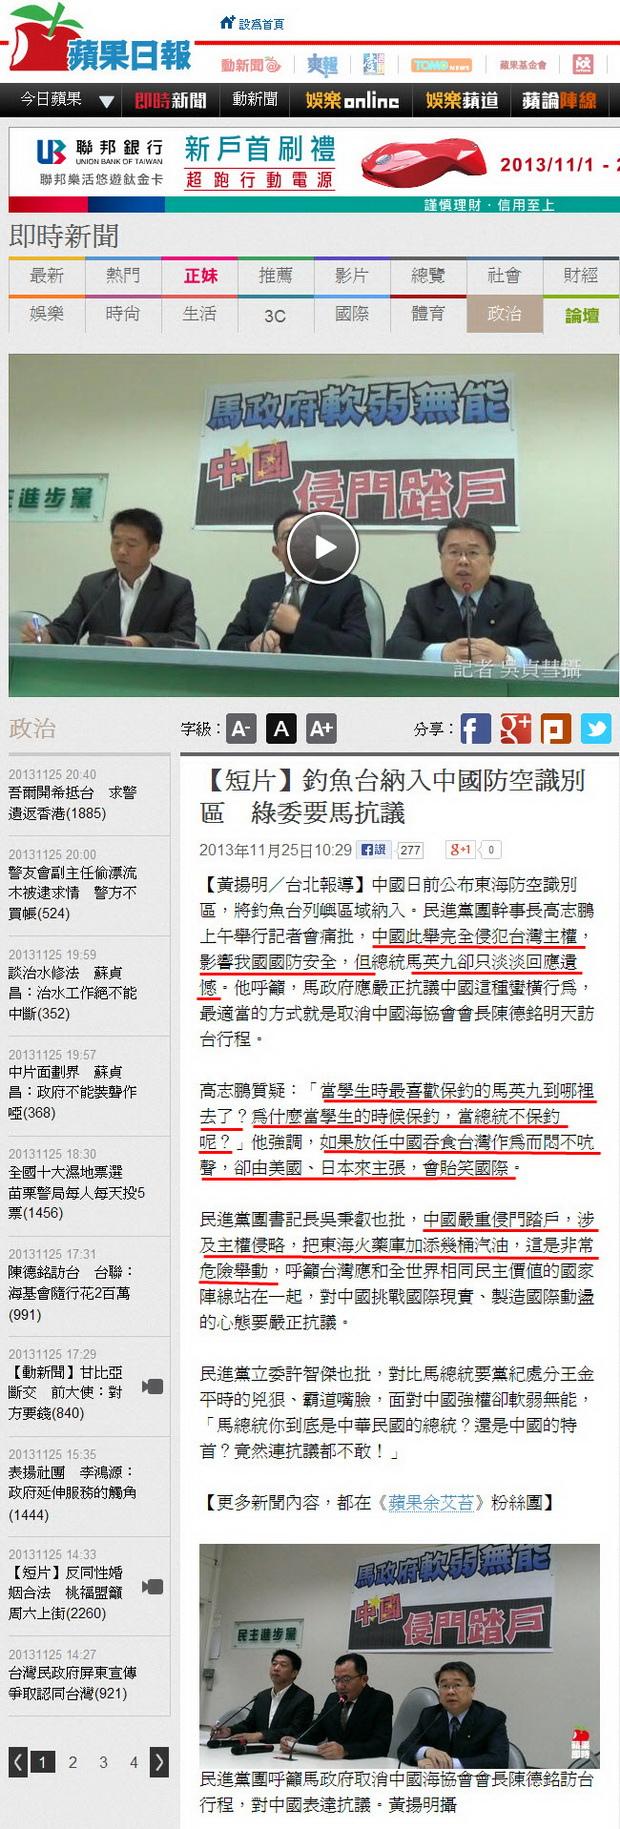 釣魚台納入中國防空識別區 綠委要馬抗議-2013.11.25.jpg